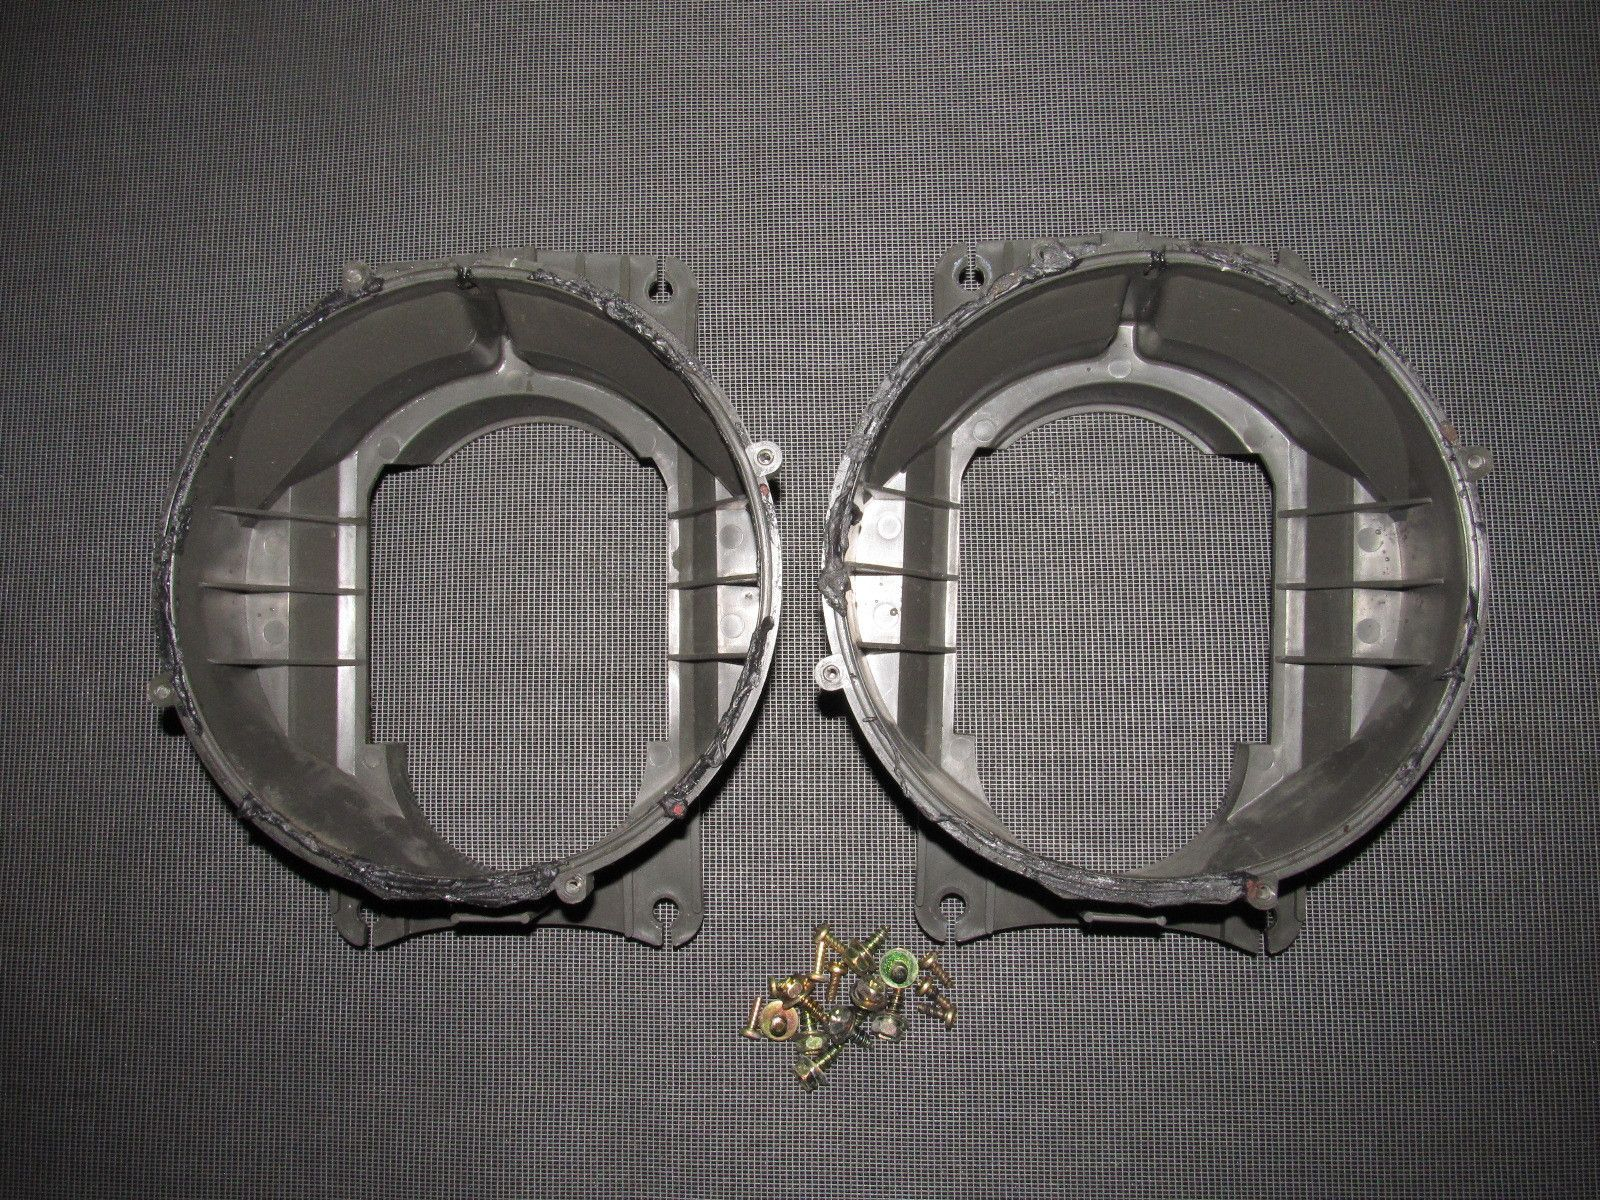 94 95 96 97 98 99 toyota celica oem front door speaker housing bracket [ 1600 x 1200 Pixel ]